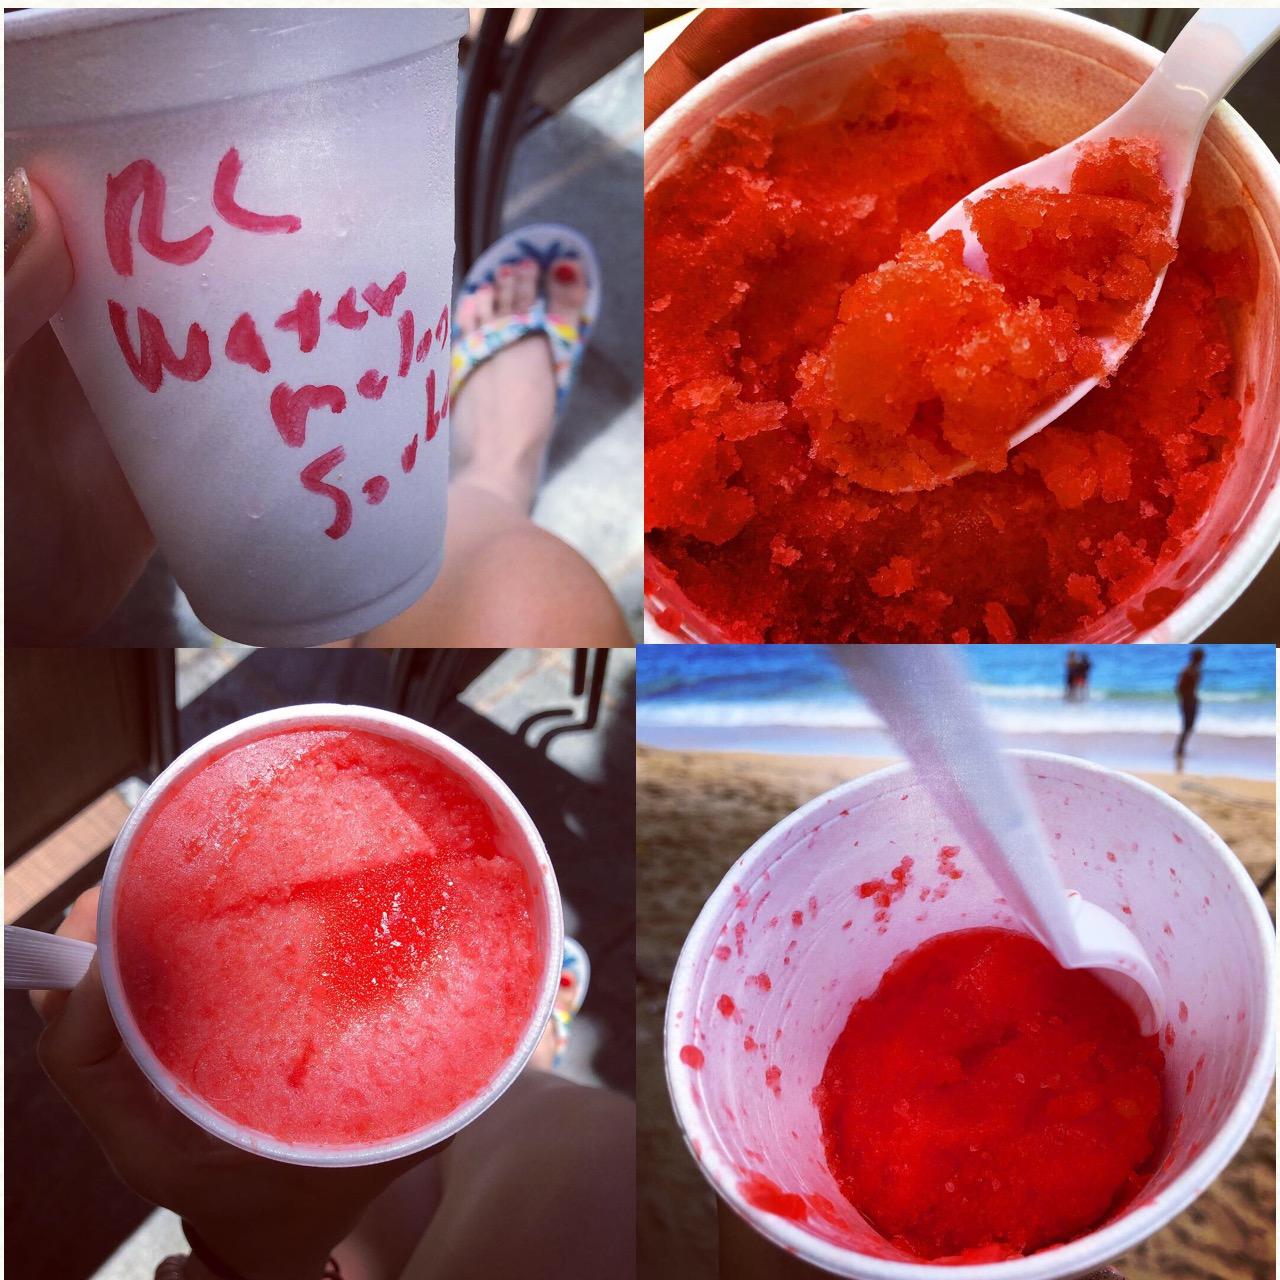 <ハワイ>毎日通いたい♡果物屋さんがつくるフレッシュなソルベとアイスクリームが絶品♡_4